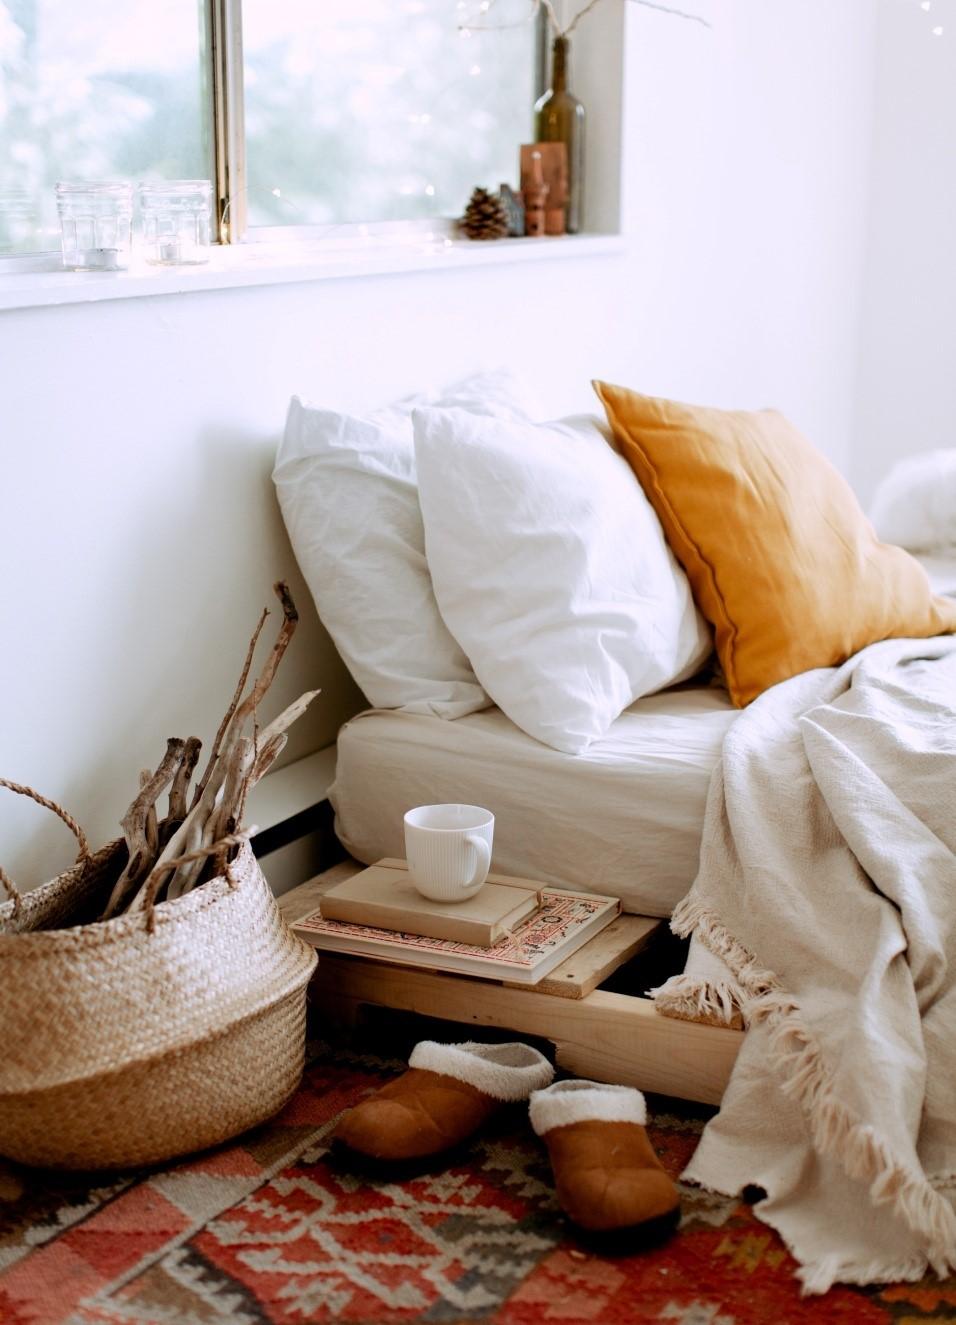 Luxurious farmhouse pillows